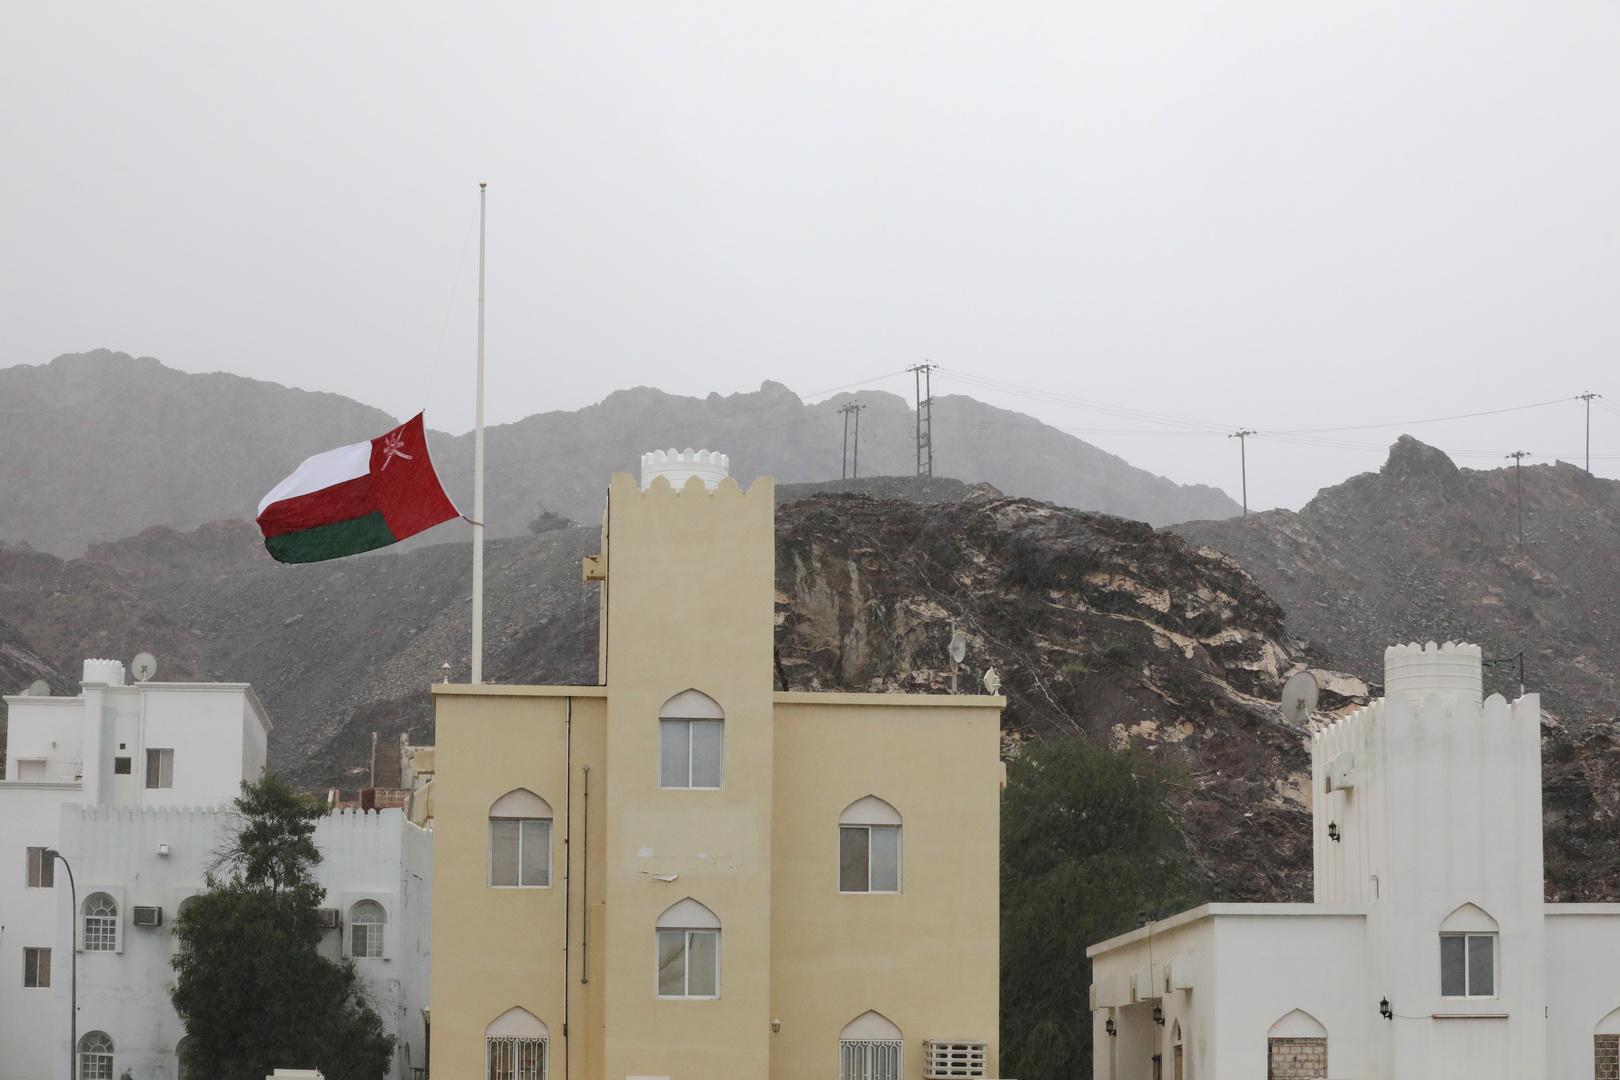 سلطنة عمان.. ارتفاع قياسي في عدد الإصابات والوفيات بفيروس كورونا